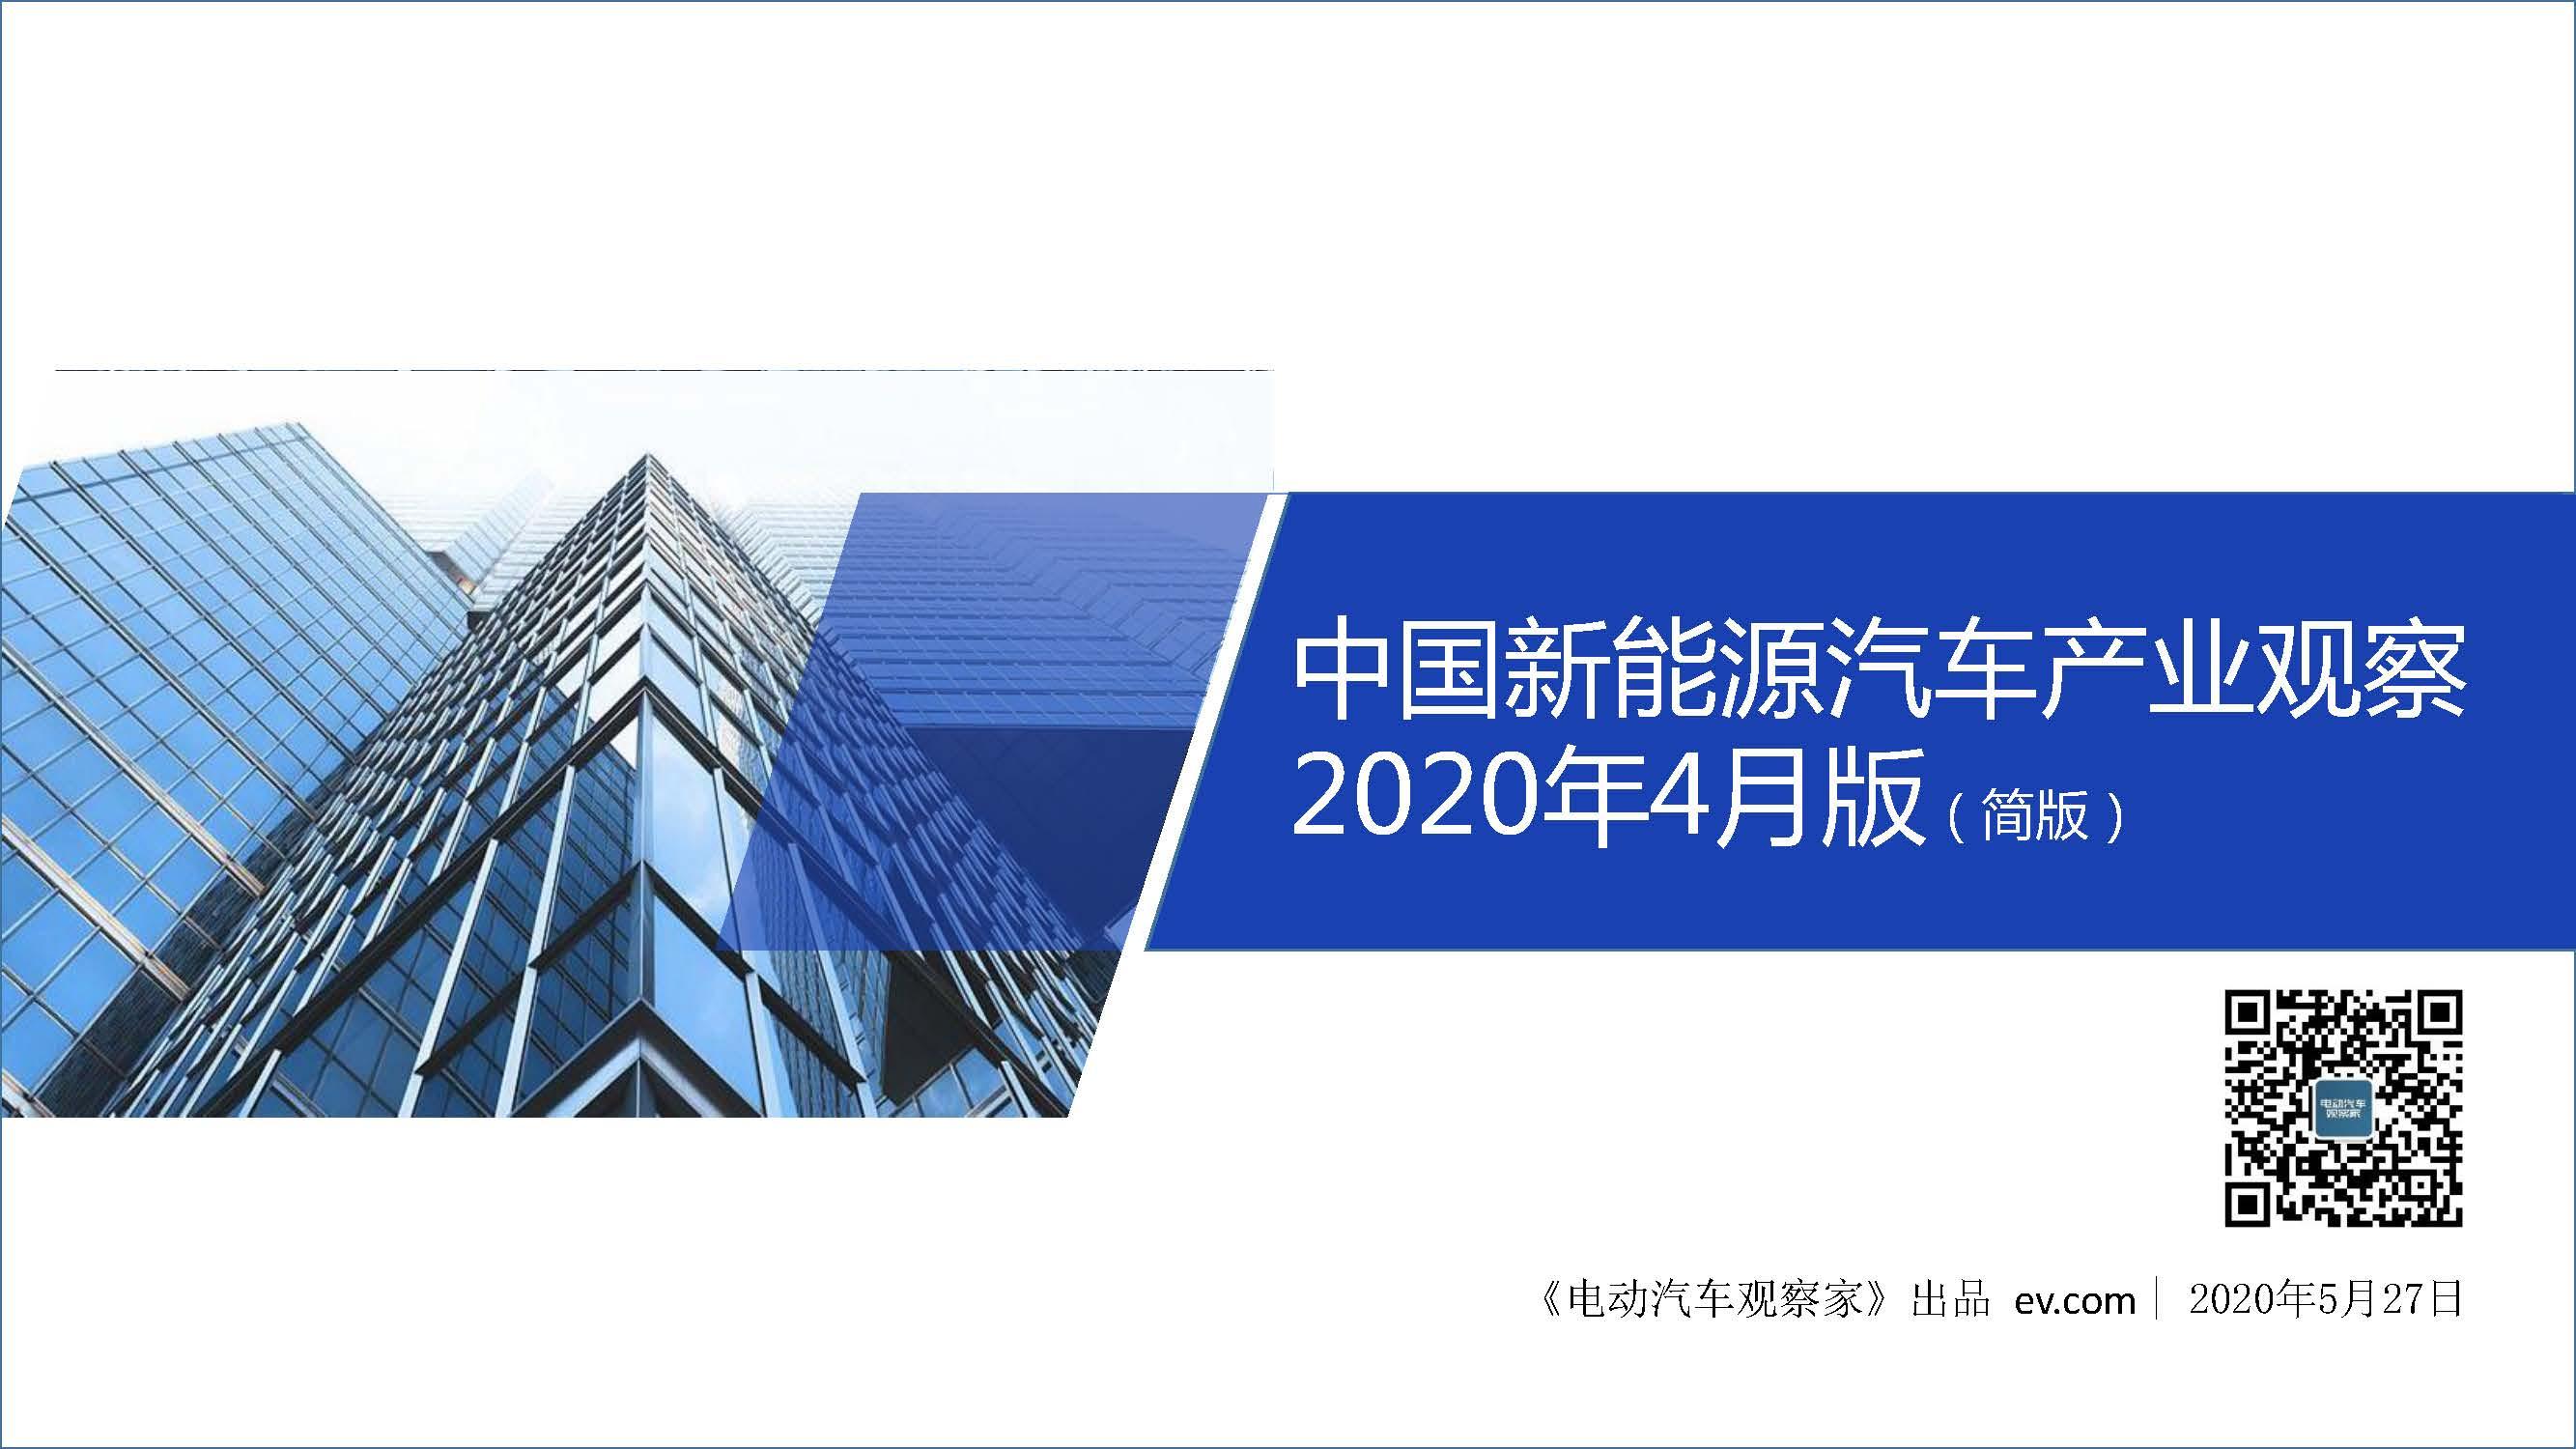 PPT:中国新能源汽车产业观察2020年4月简版